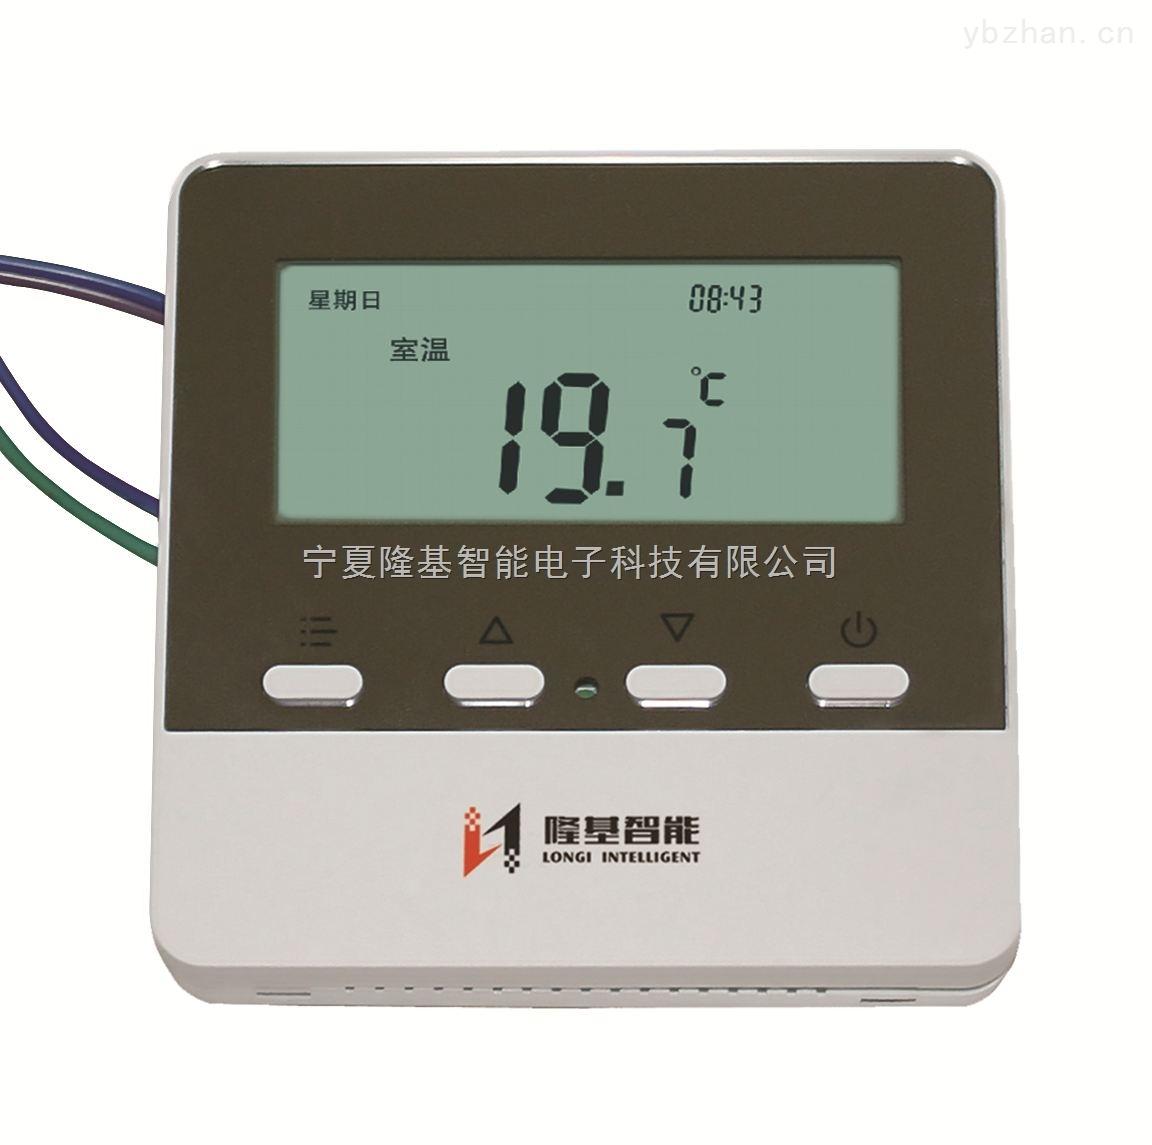 有线温控器 温控面板